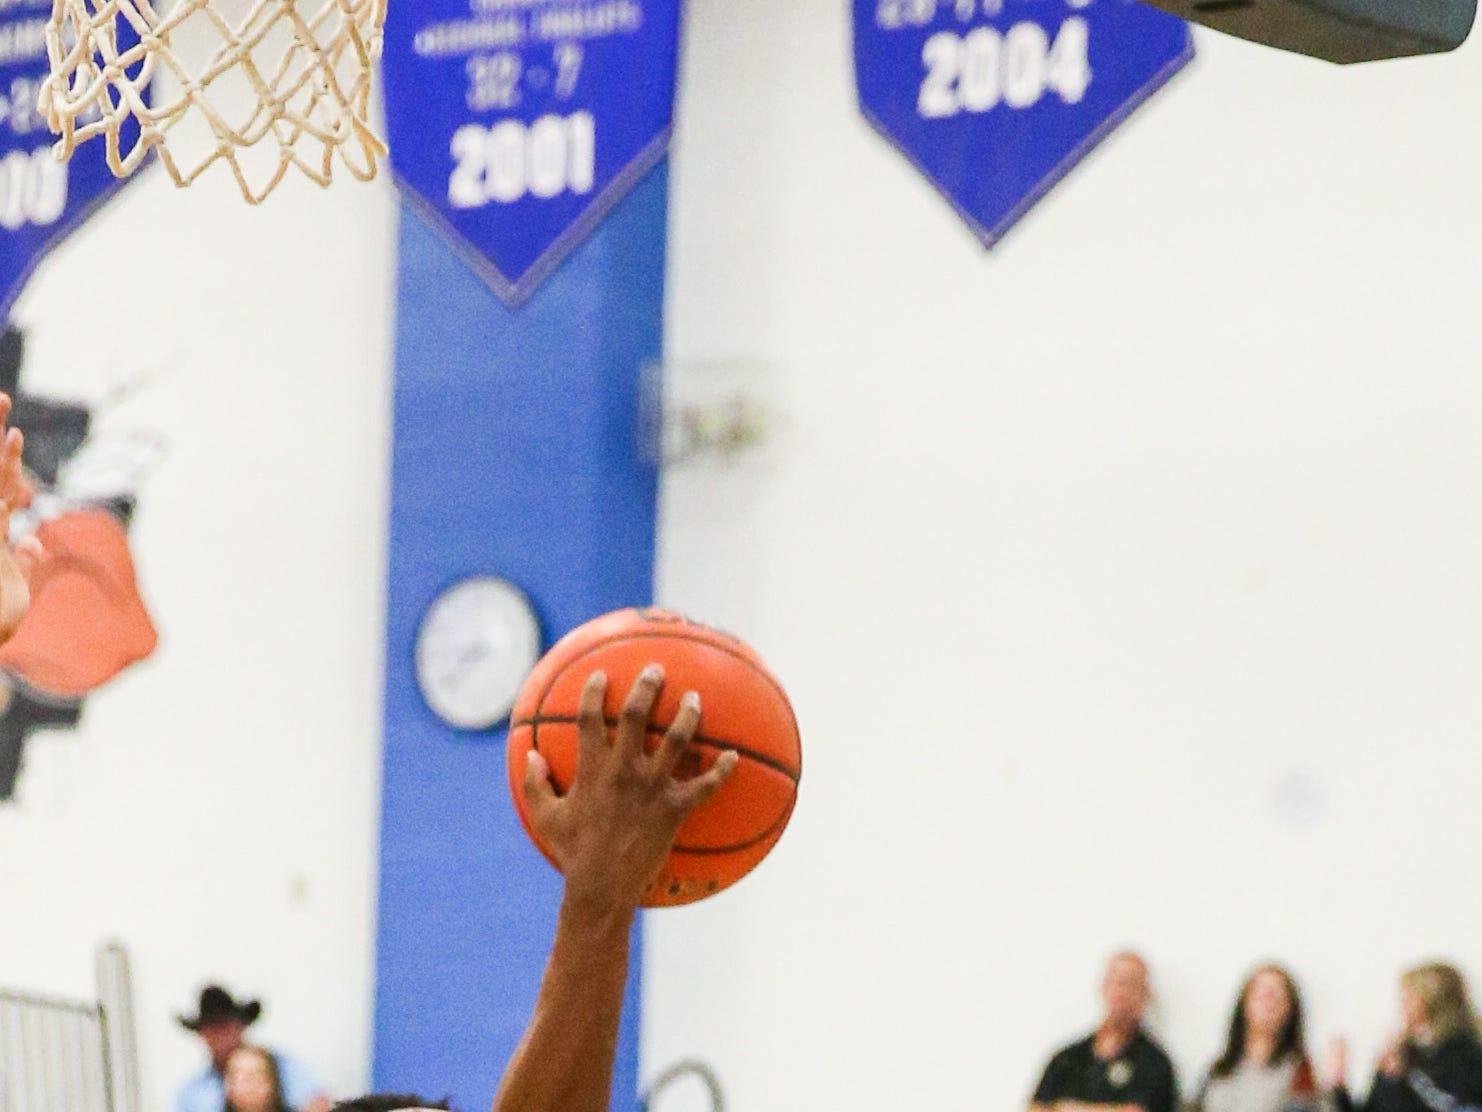 Lake View's Ahmad Daniels jumps to shoot as Big Spring player blocks Friday, Jan. 25, 2019, at Lake View gym.